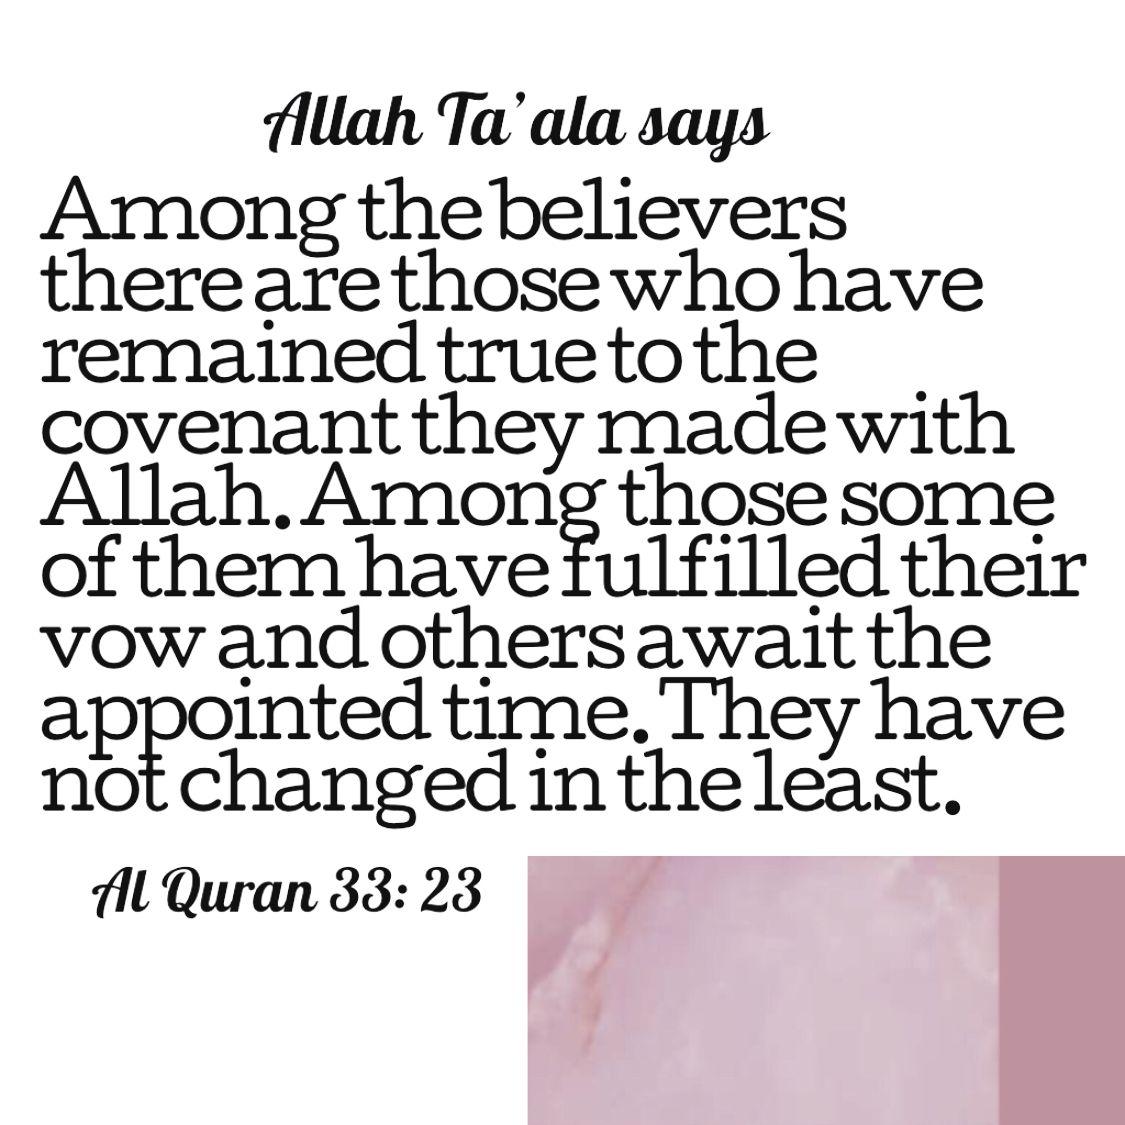 Pin by Islam on Quran and Hadith   Holy quran, Hadith, Quran